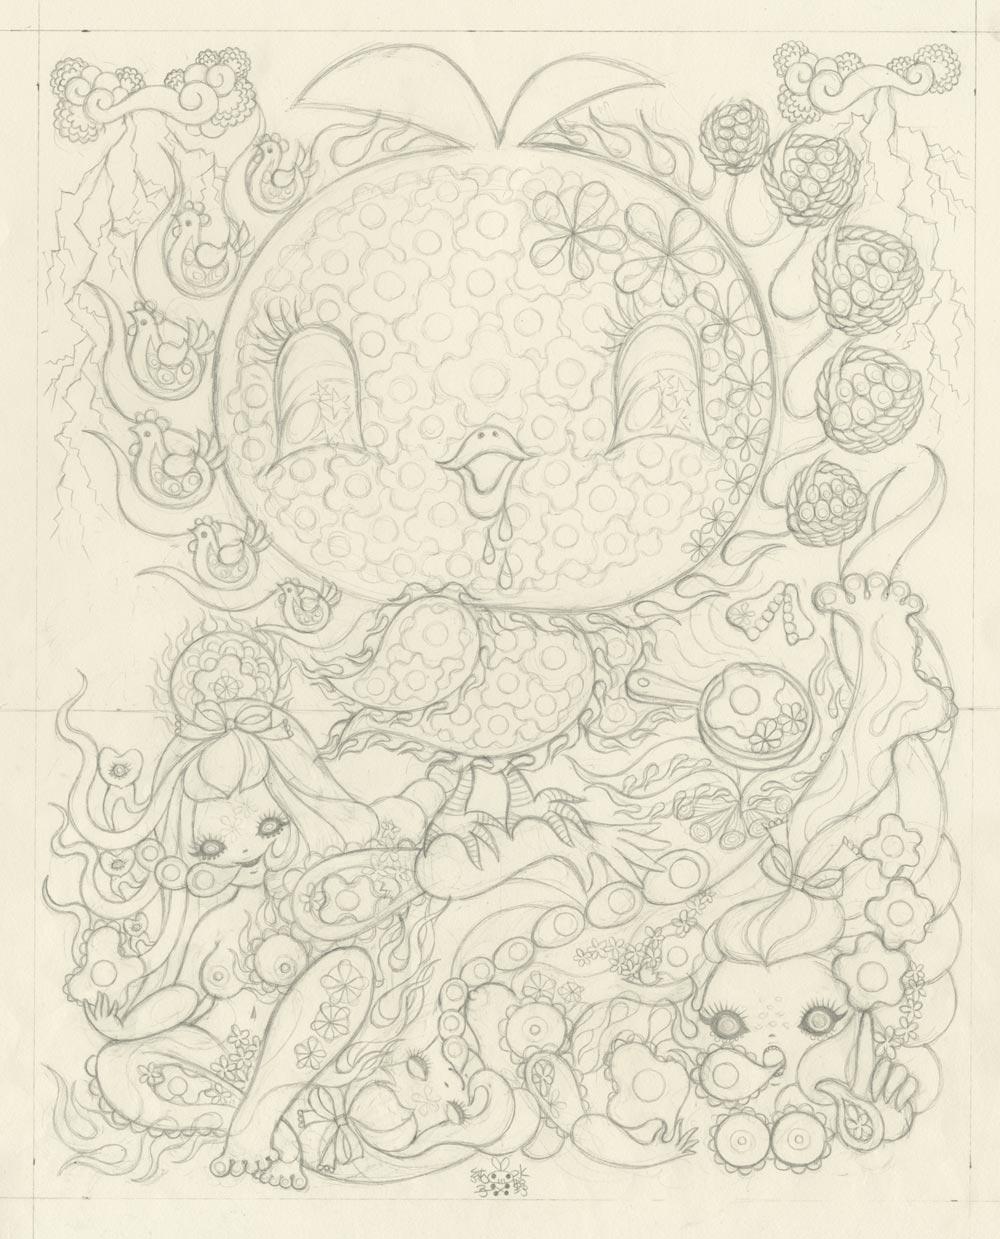 Junko MizunoEggs, 2015Graphite on paper. 14 x 17 in.